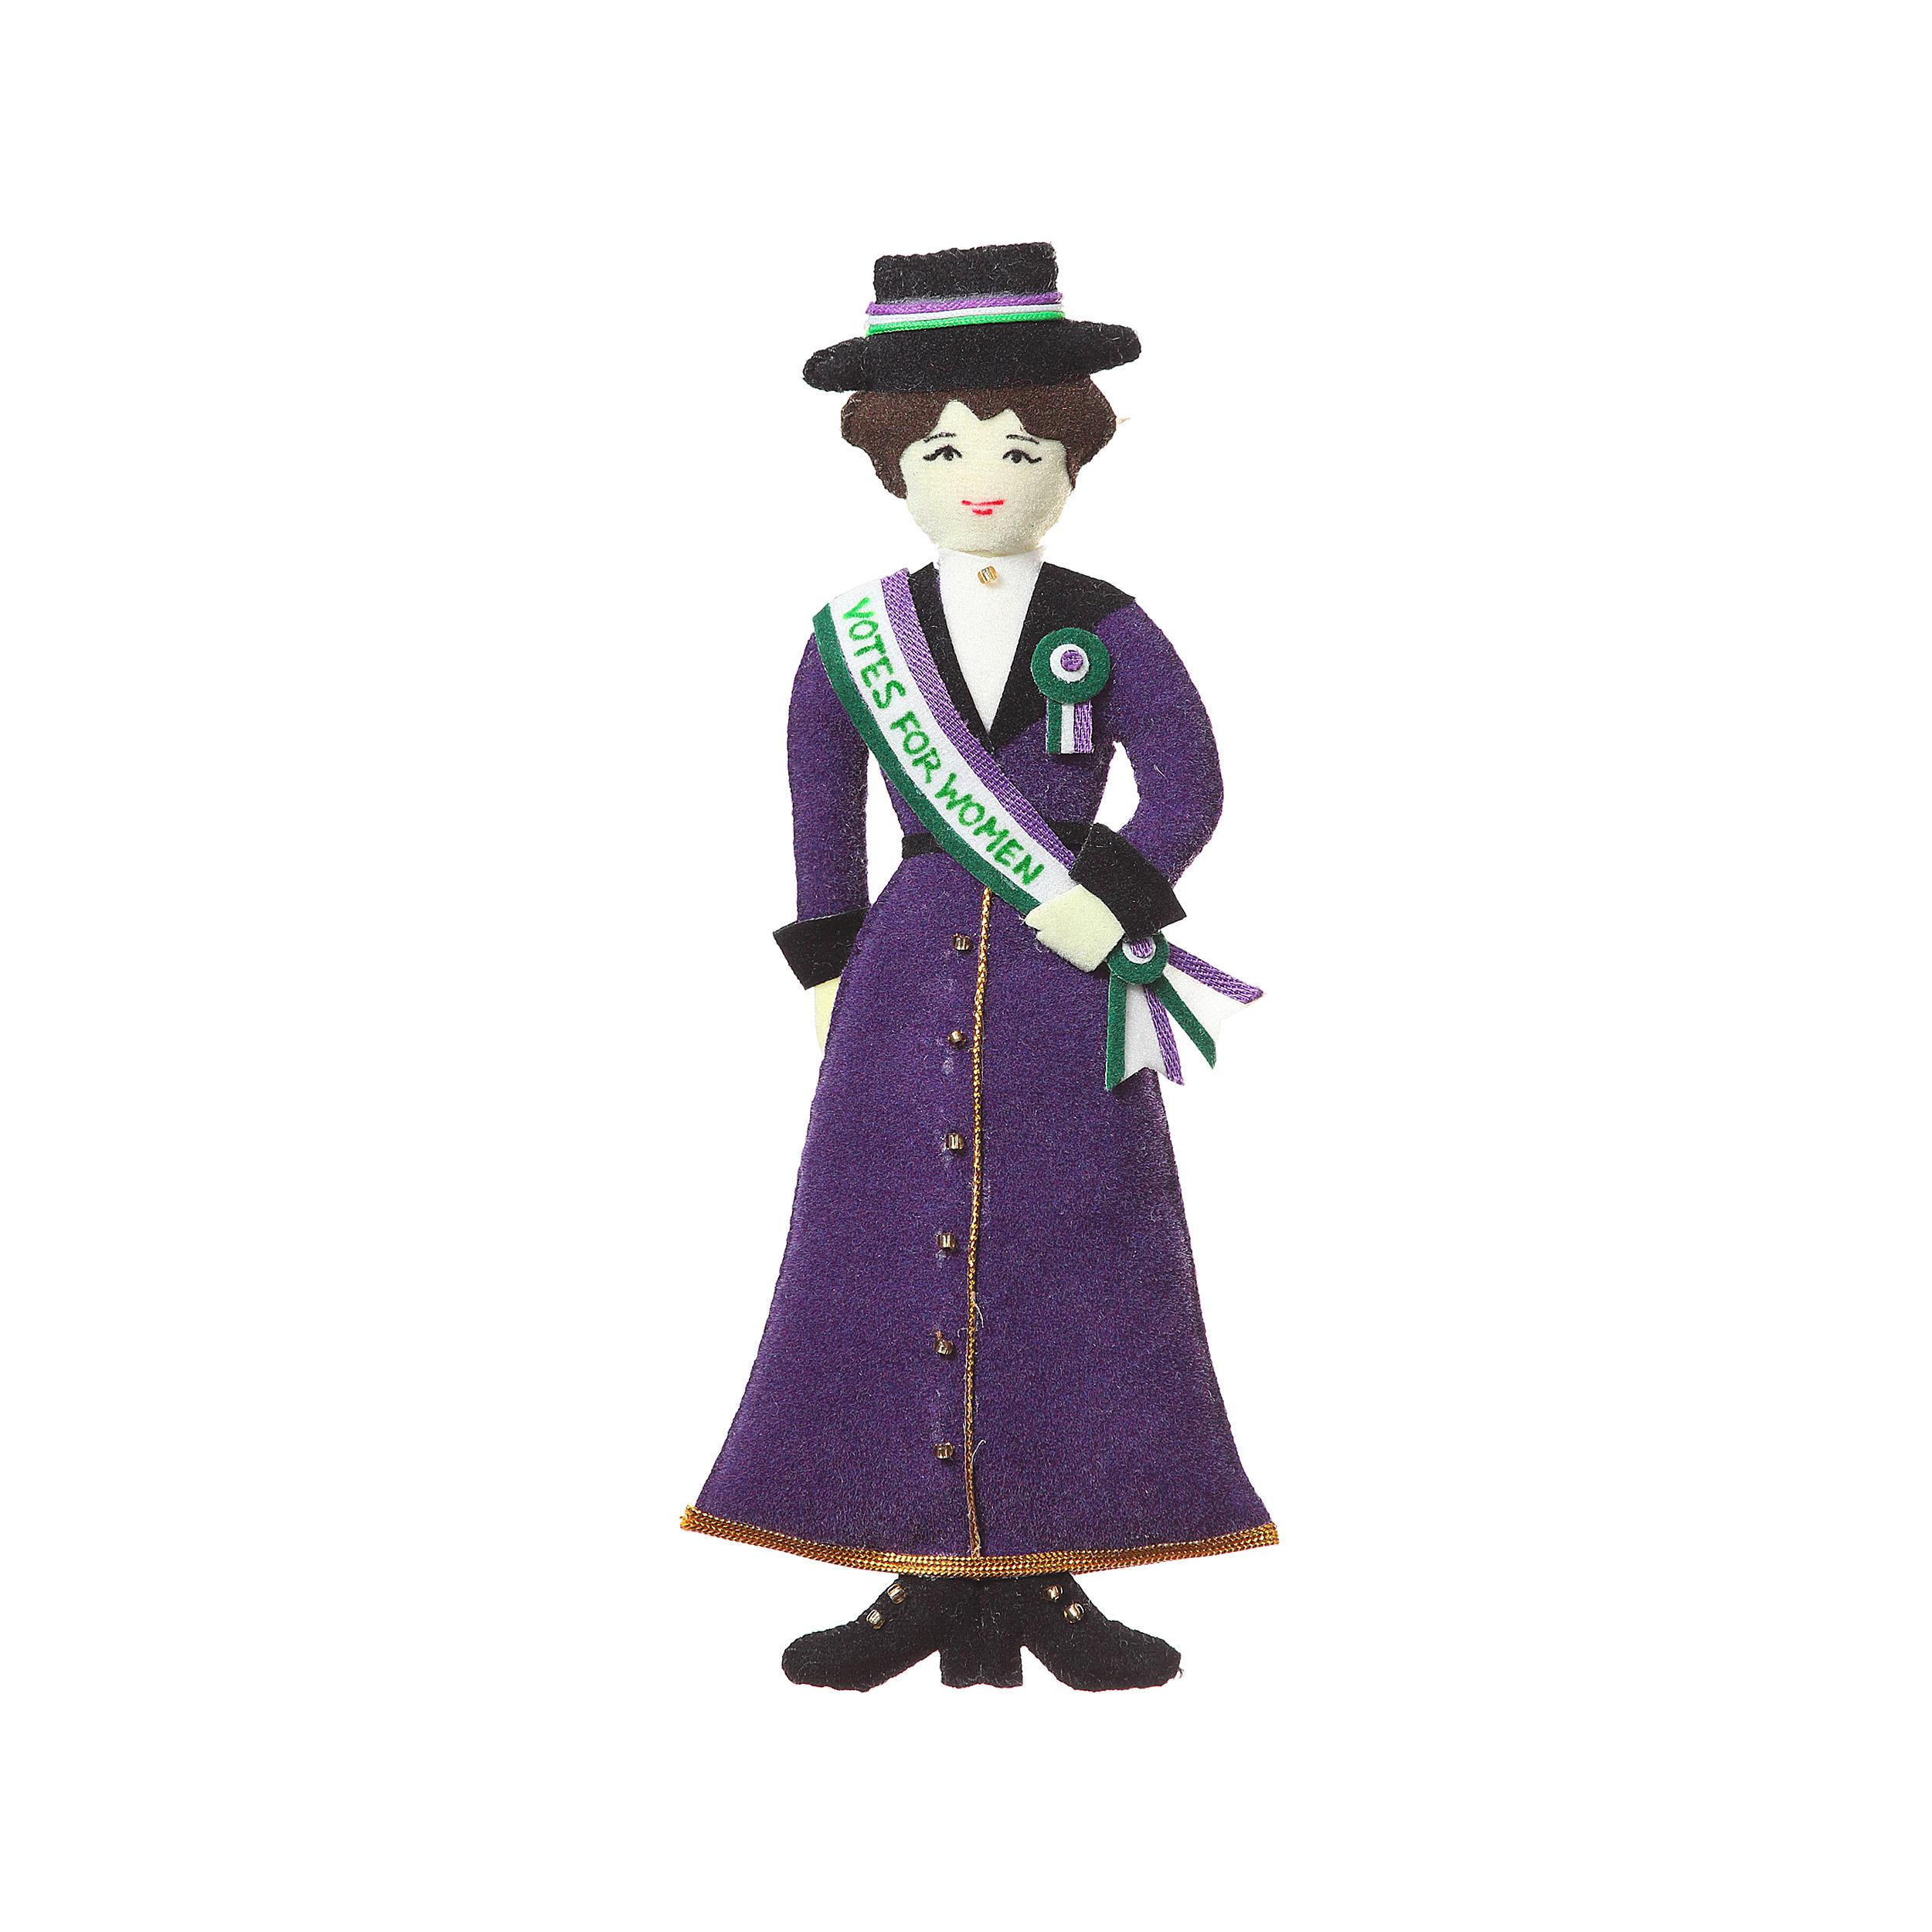 Suffragette decoration